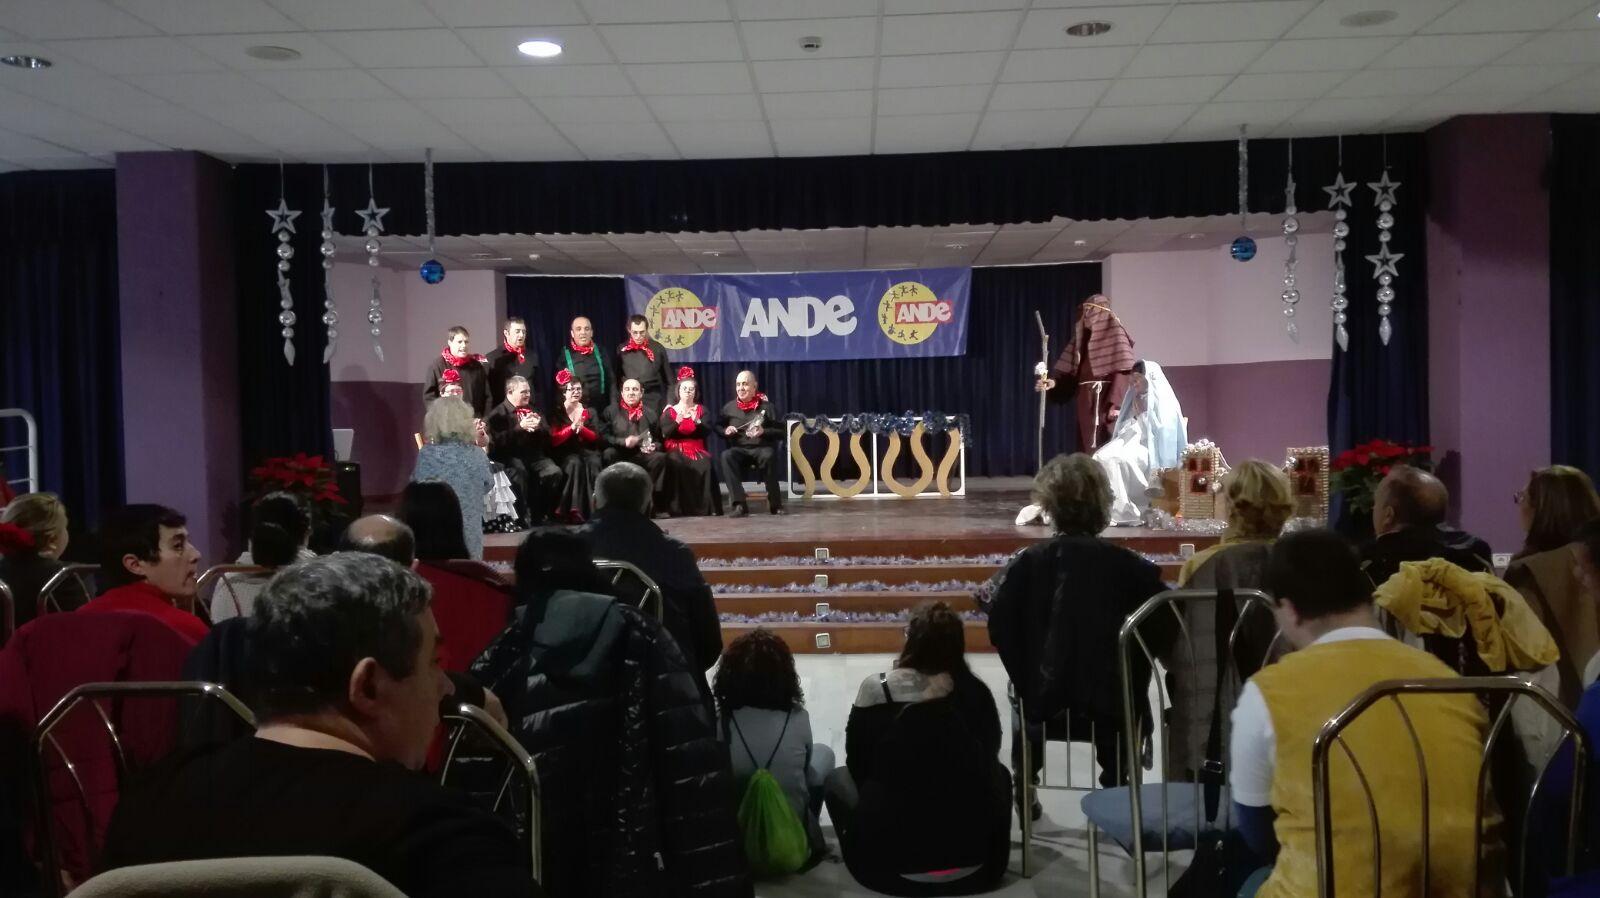 Festival de Navidad - Fundación ANDE @ Urbanización de Mayores